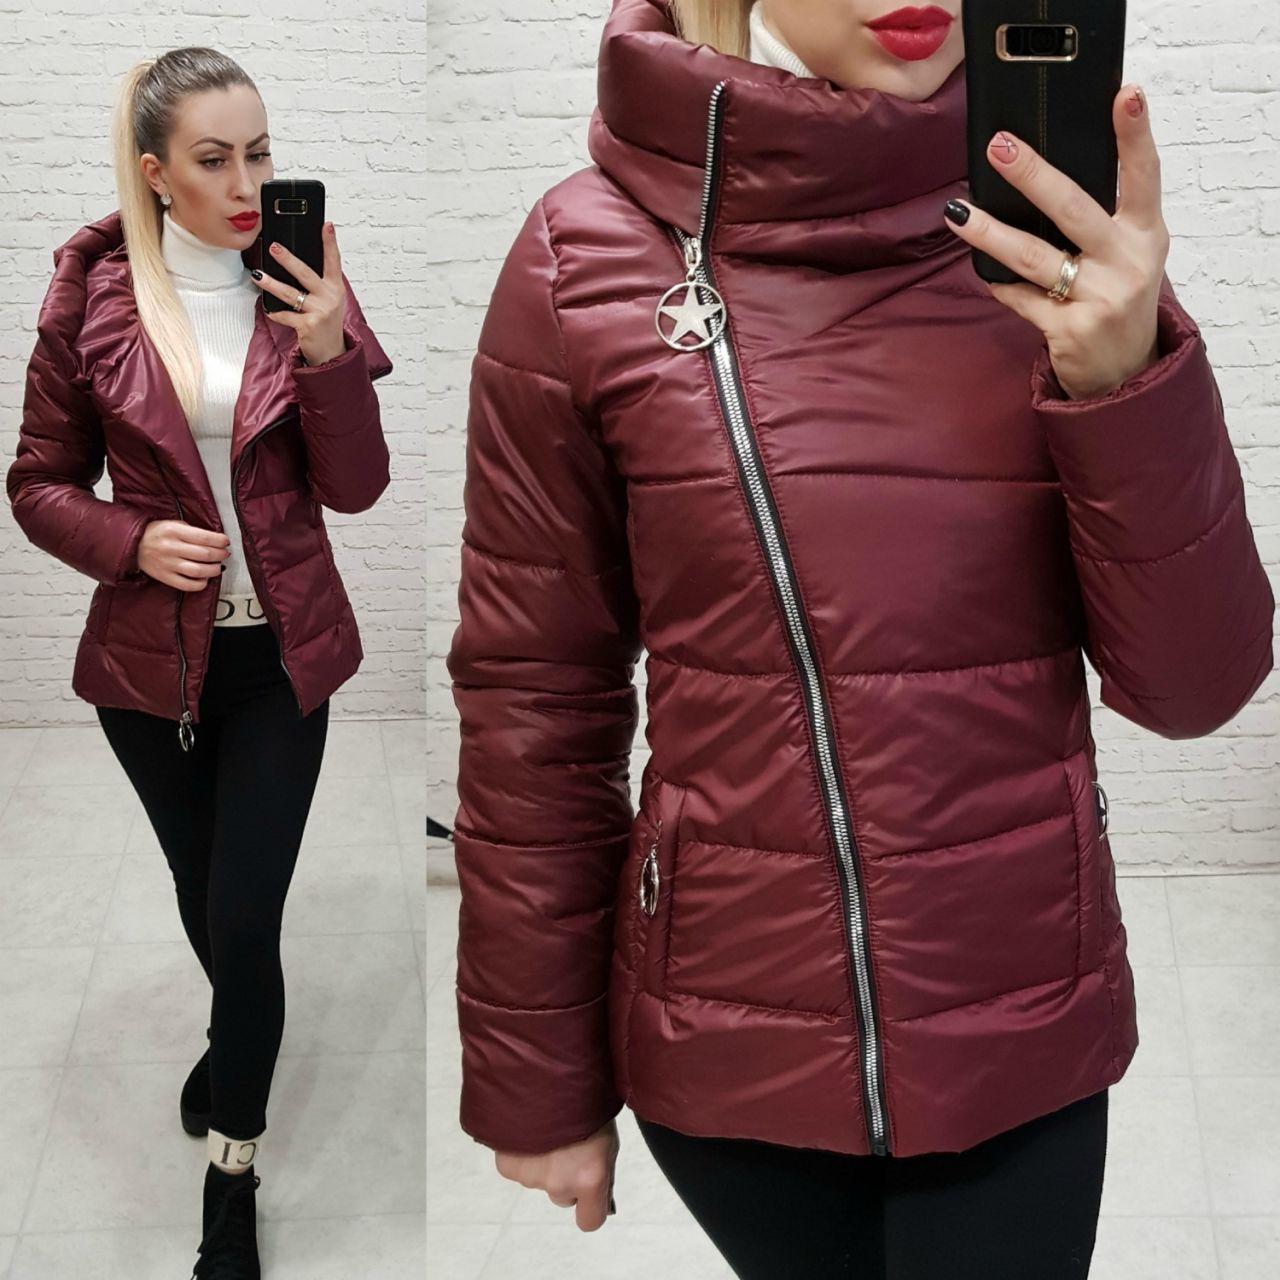 Куртка весна/осень, плащевка лак, модель 501, цвет - бордо